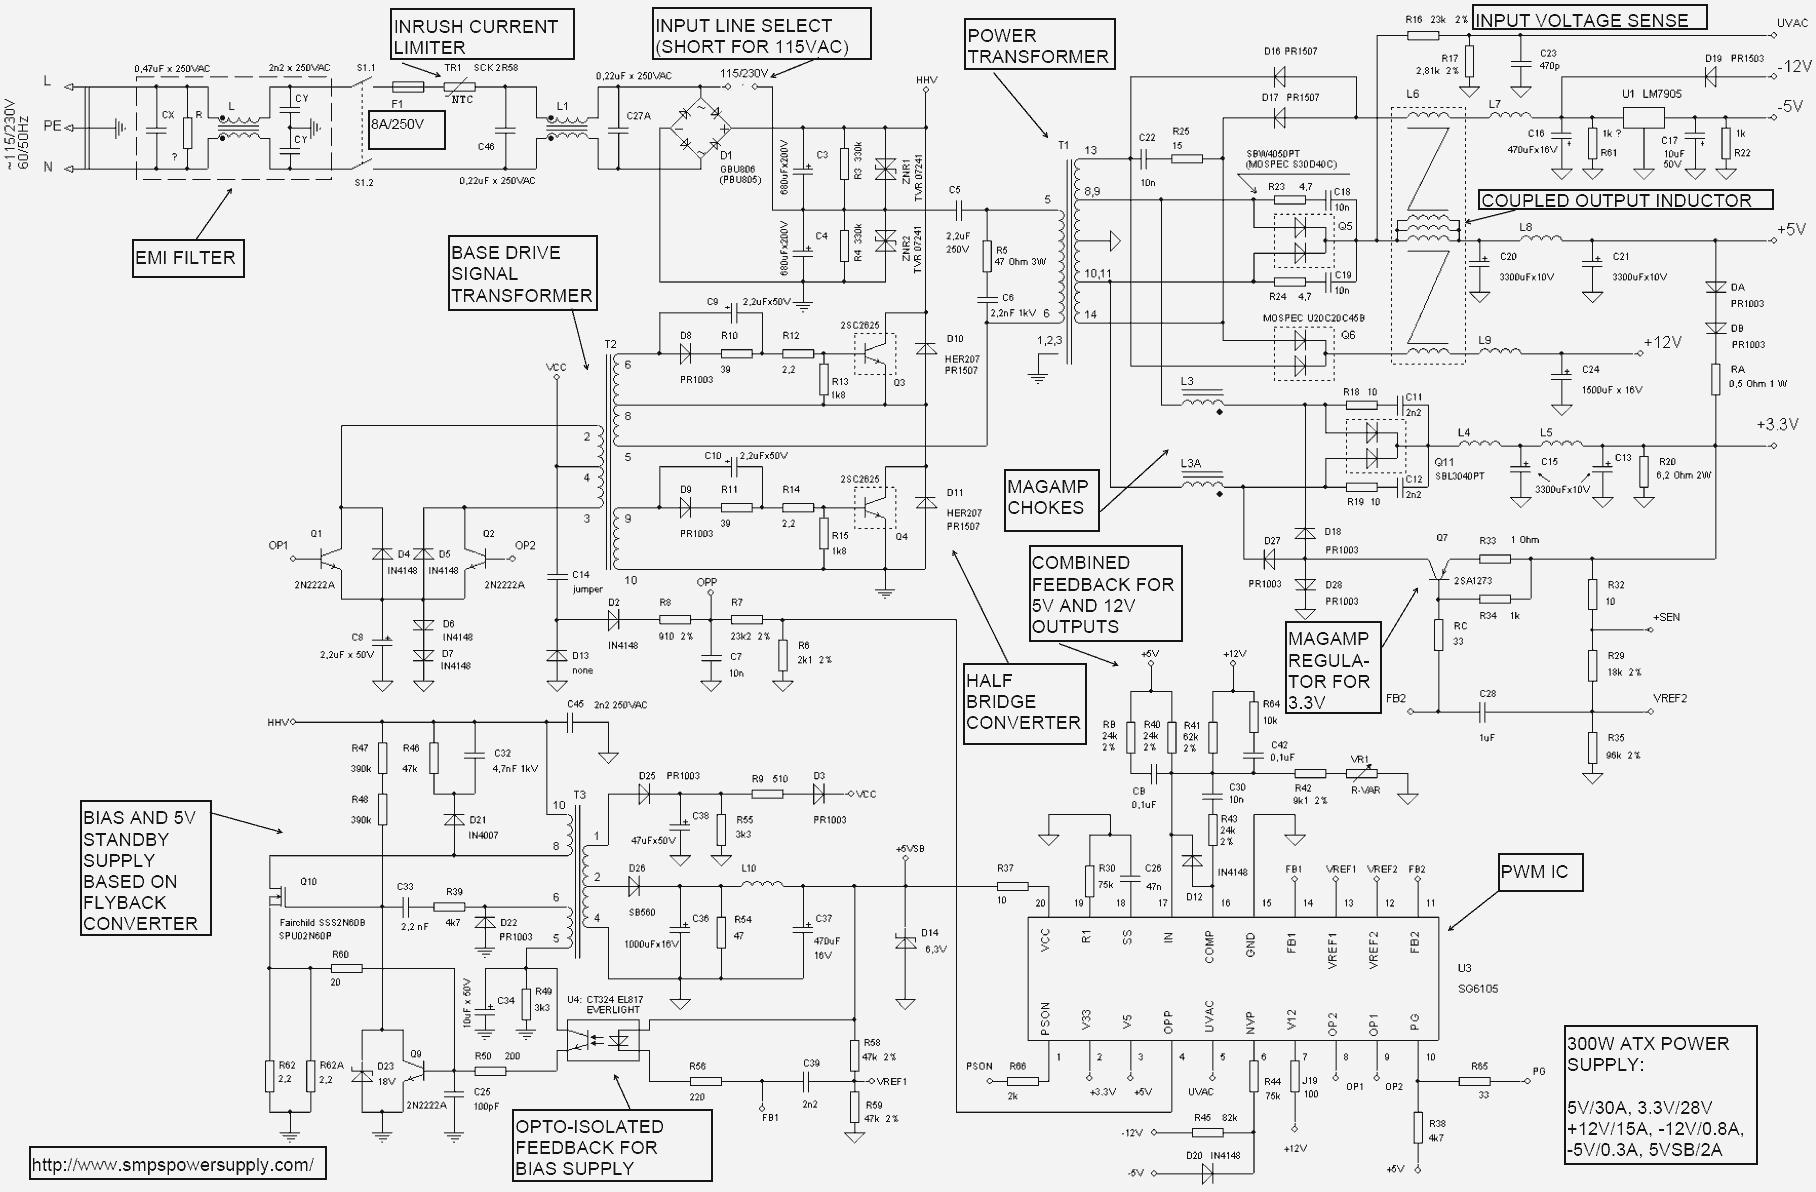 Großartig Atx Schematisch Ideen - Elektrische Schaltplan-Ideen ...